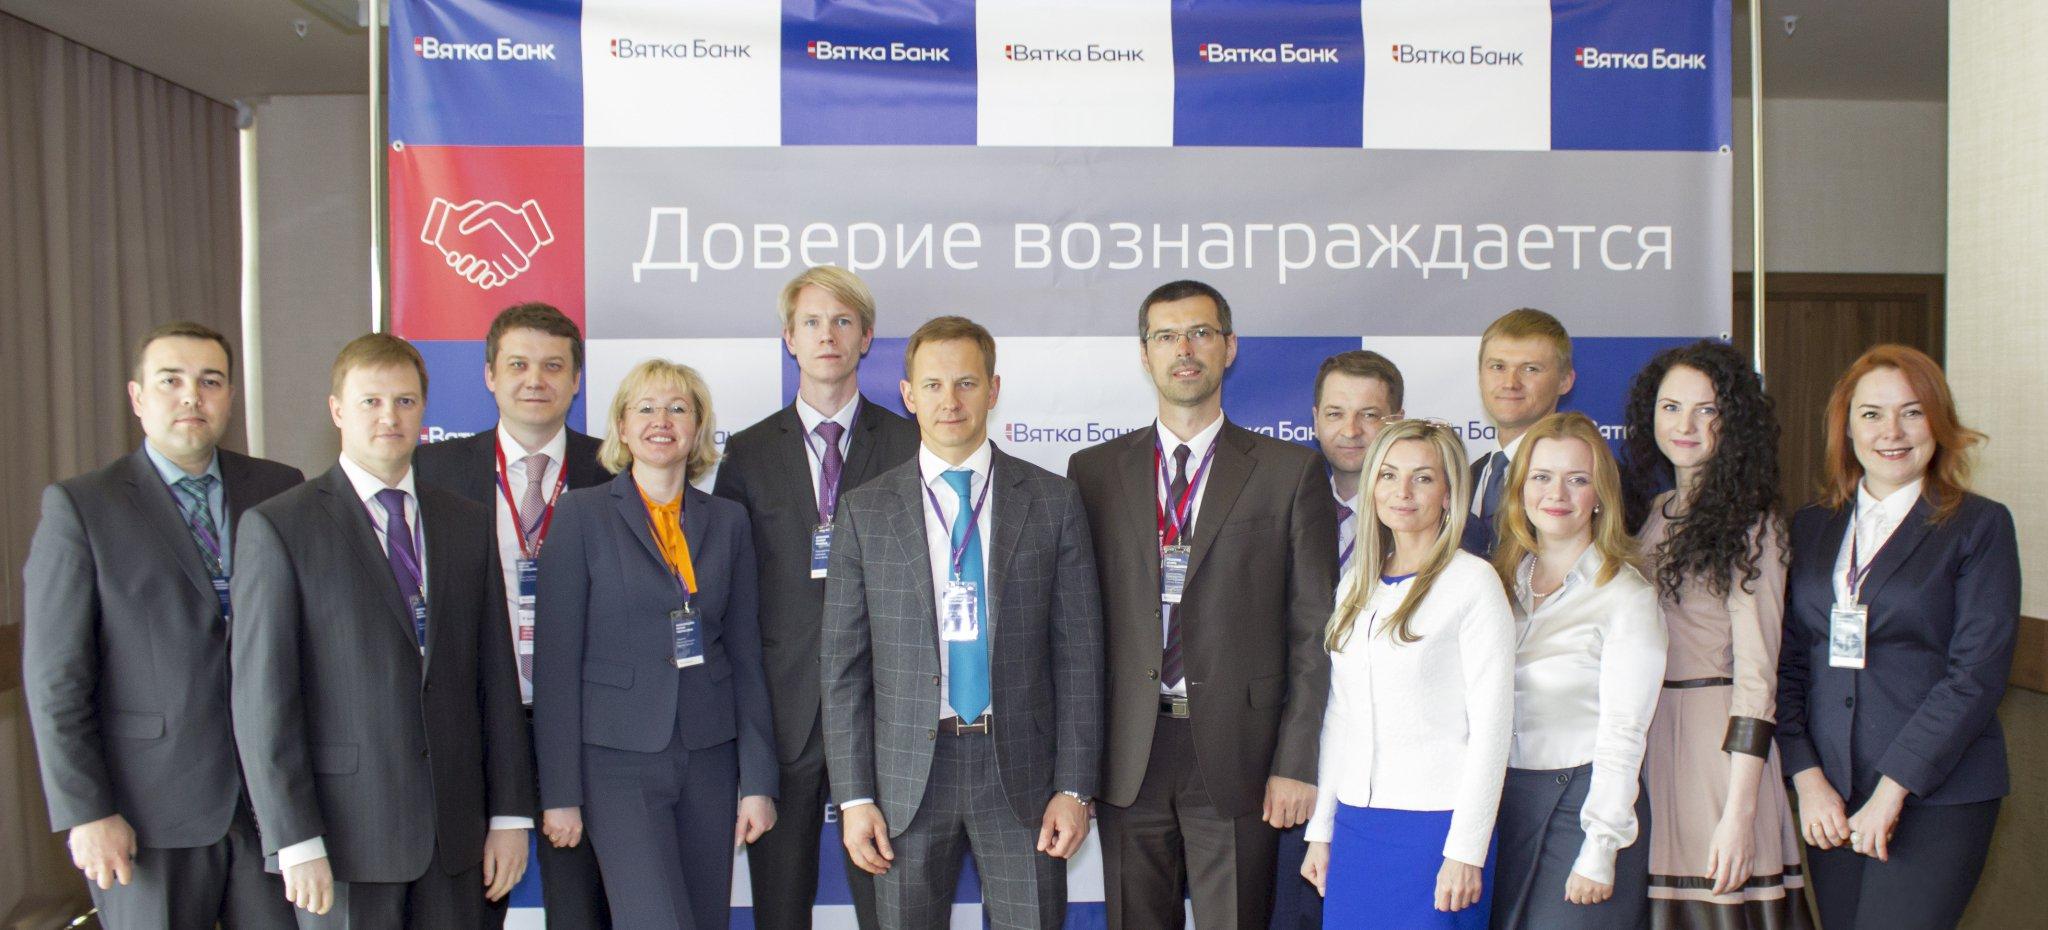 Григорий Гусельников представил новый фирменный стиль «Вятка Банка»